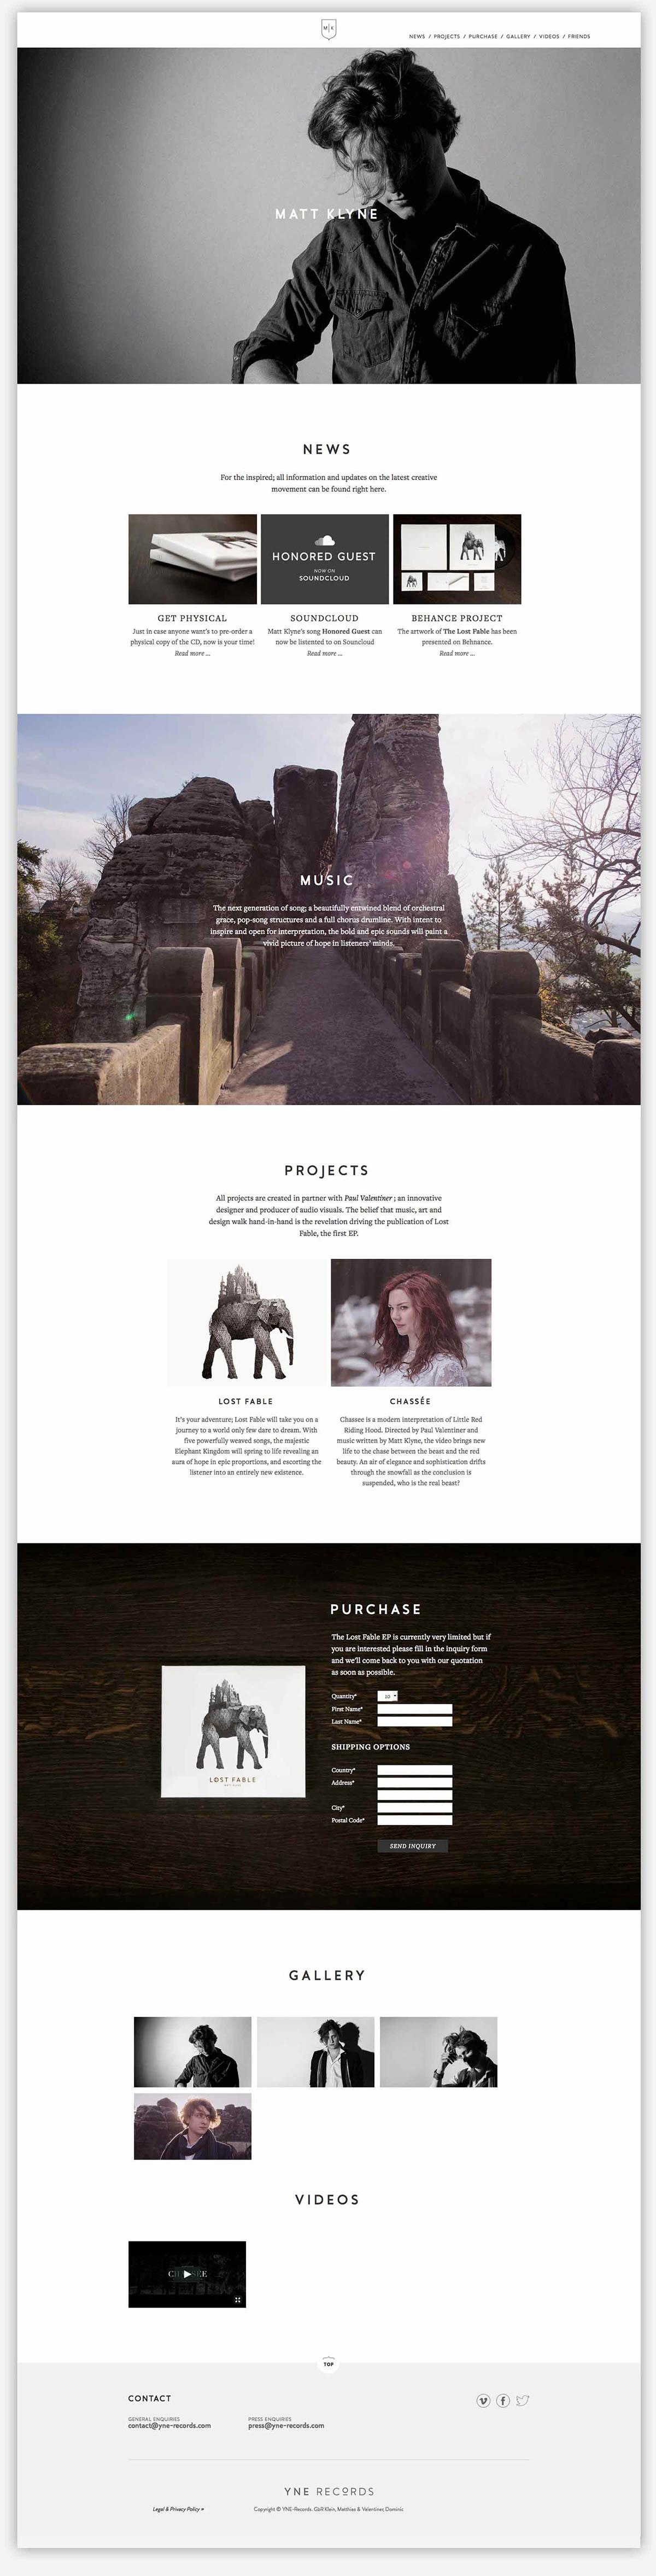 Branding - Matt Klyne - Website